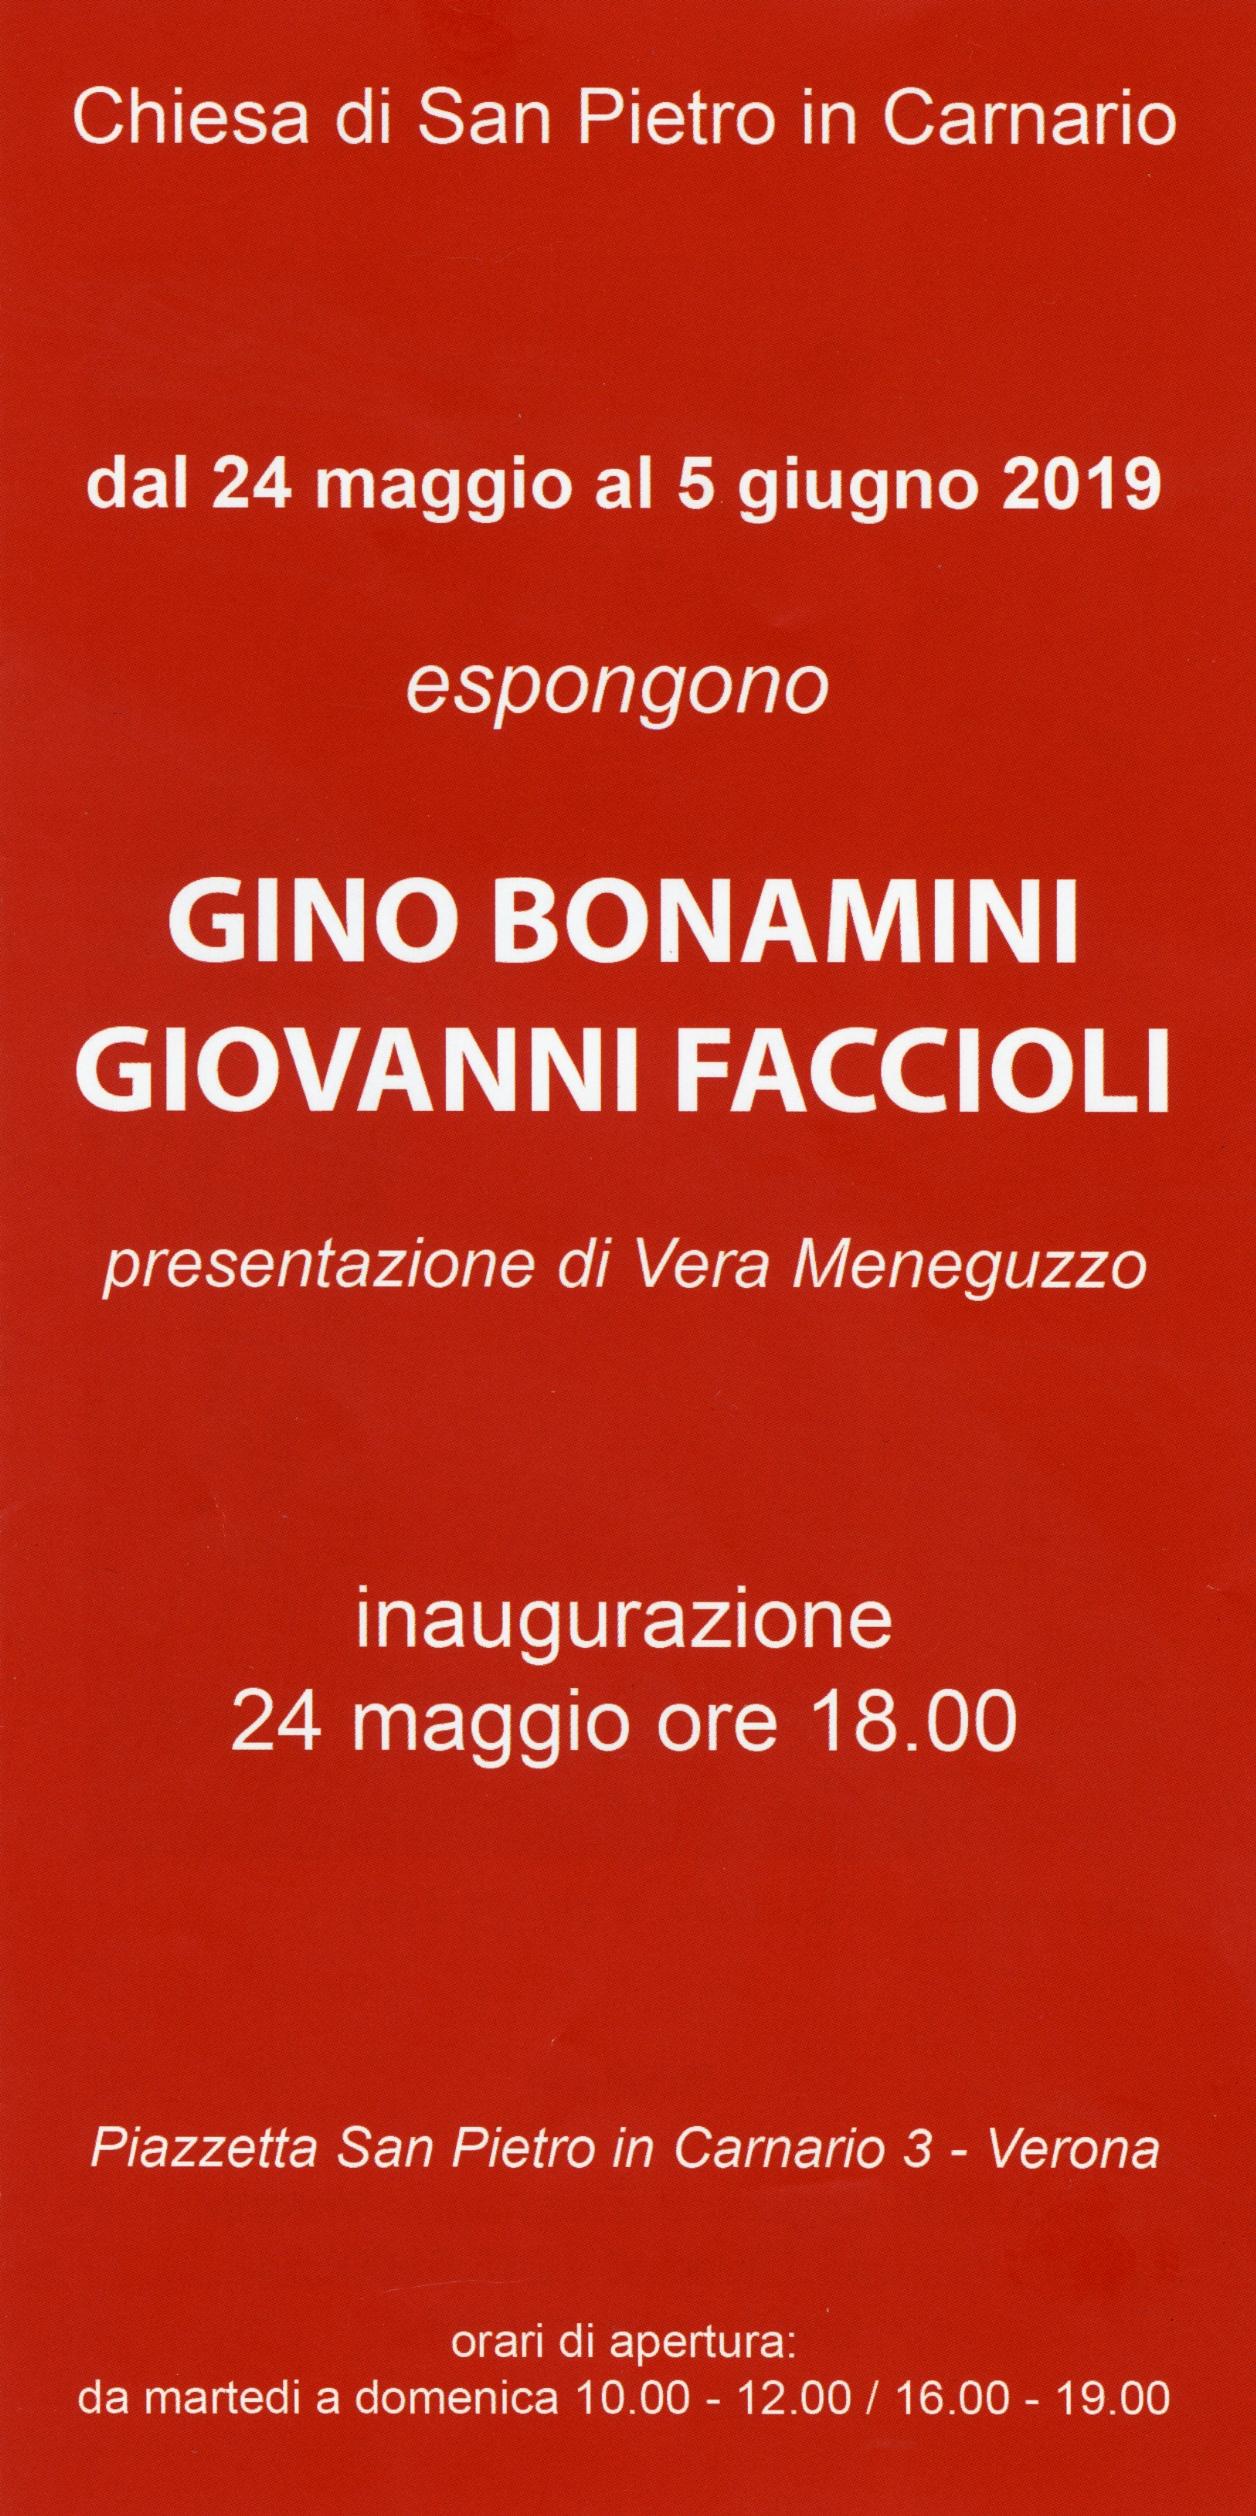 2019 - Invito mostra personale - Verona presentazione Vera Meneguzzo